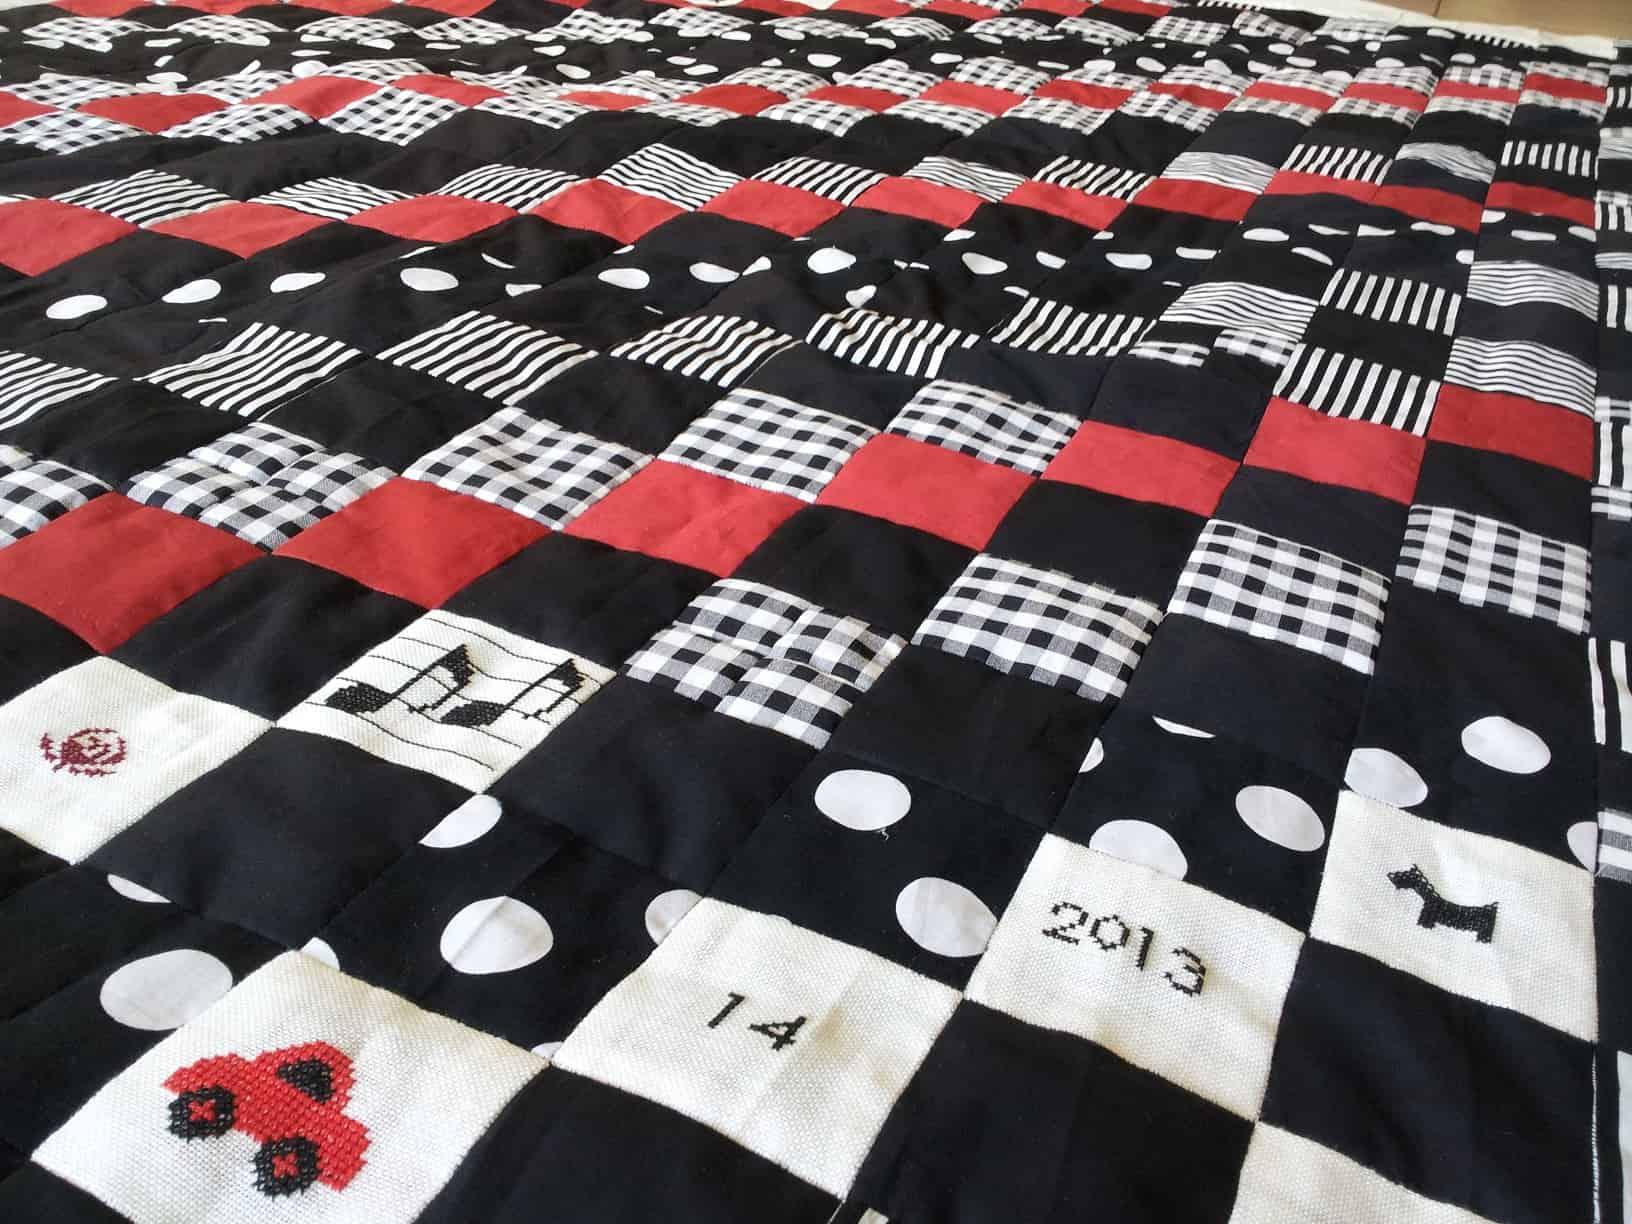 patchwork quilt maken met stap voor stap uitleg hobby On zelf quilt maken